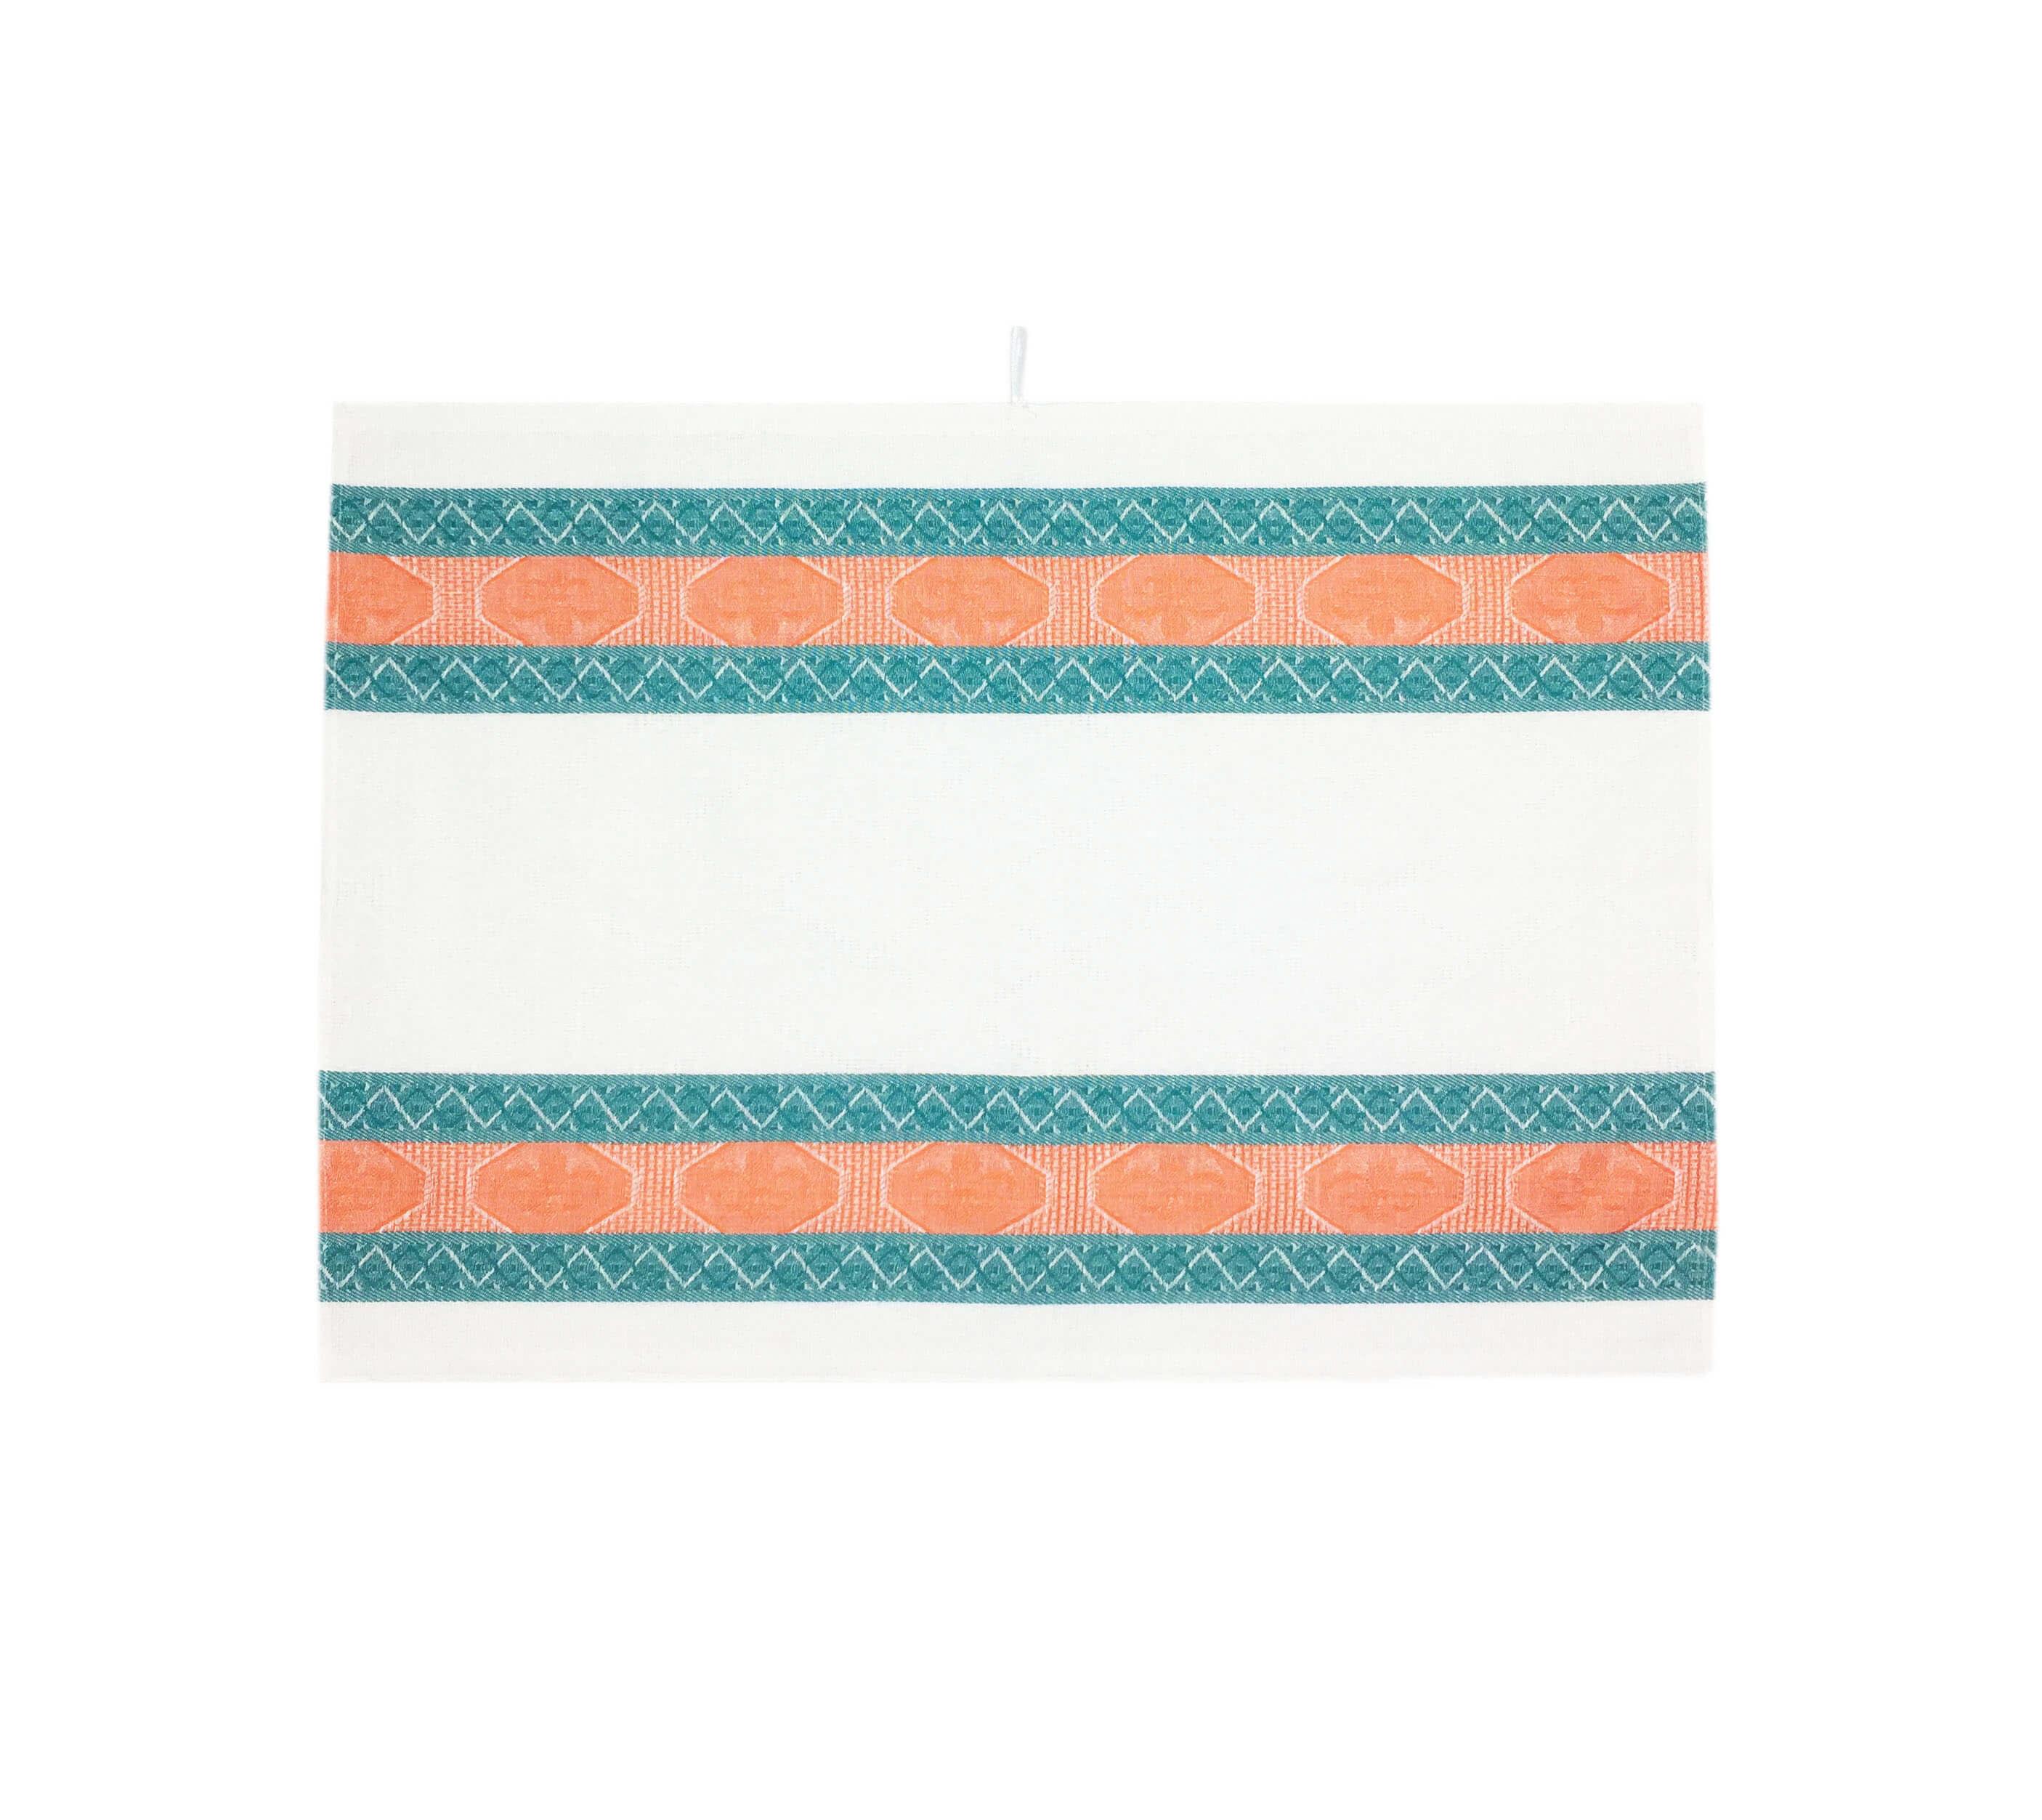 Полотенце кухонное 50*80см жаккардовое, полулен, белый фон (Ромбы, зеленый, вид 1)